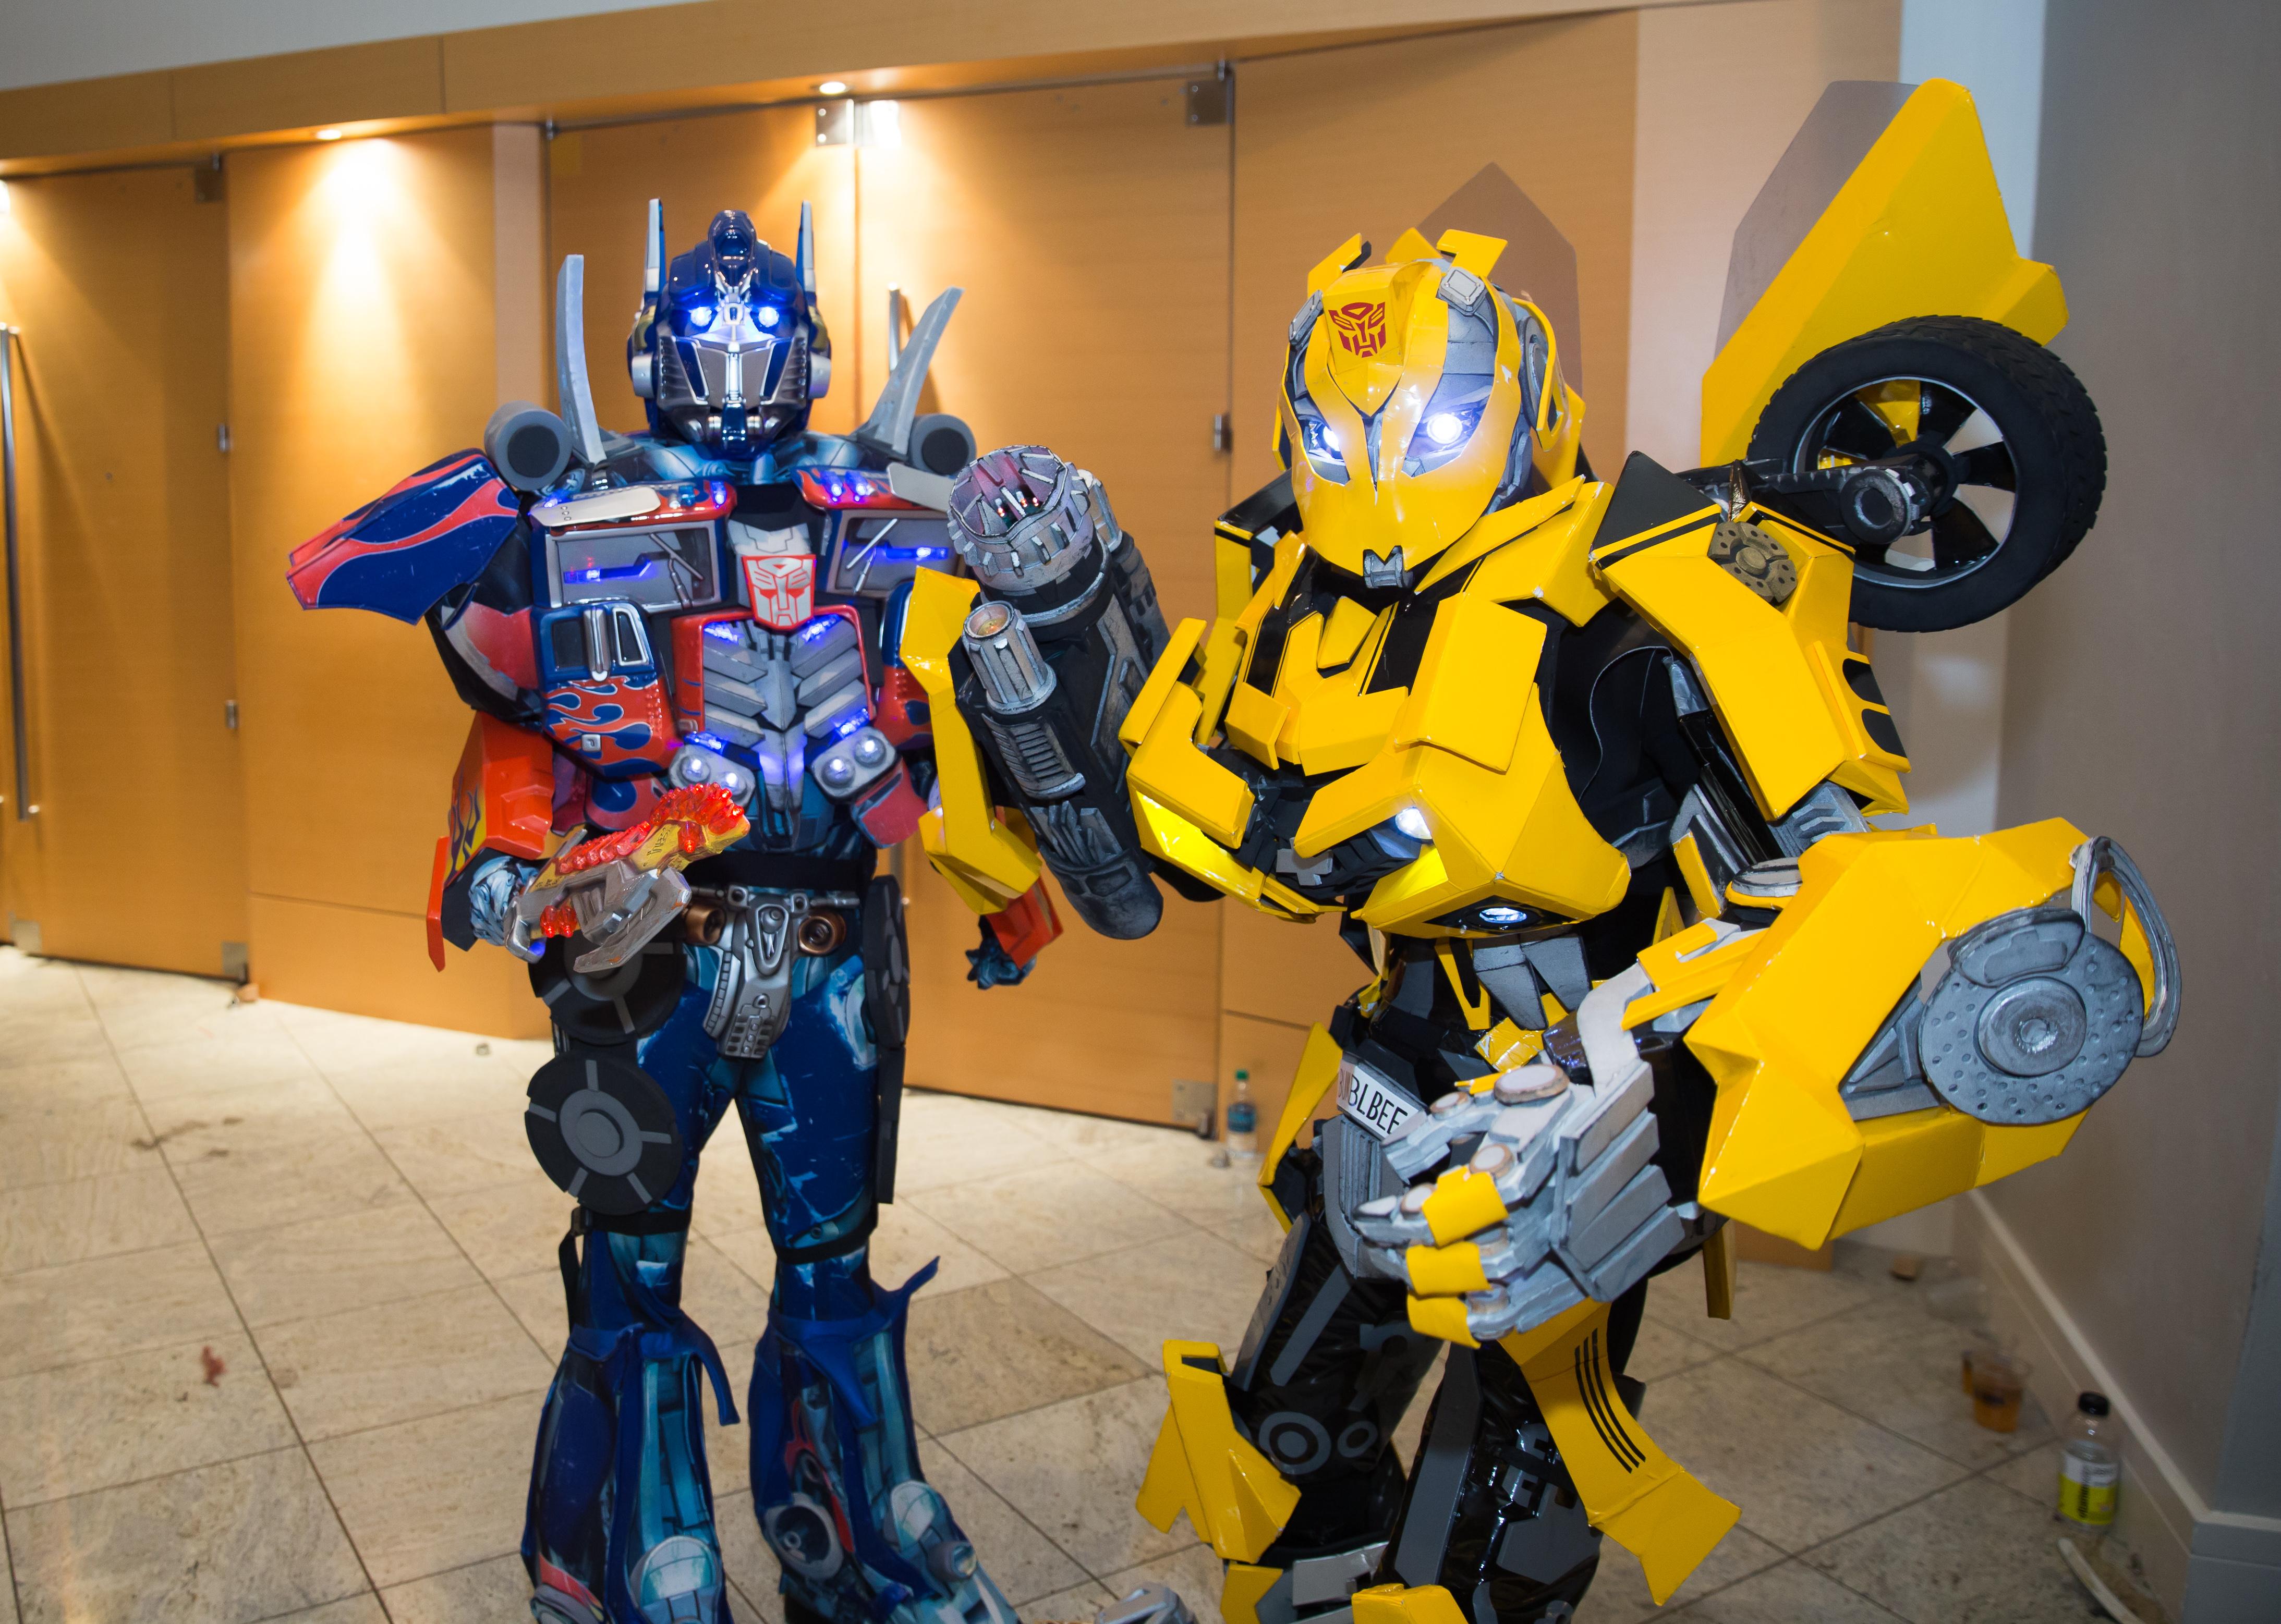 File:Dragon Con 2015 - Transformers (21716797240) jpg - Wikimedia